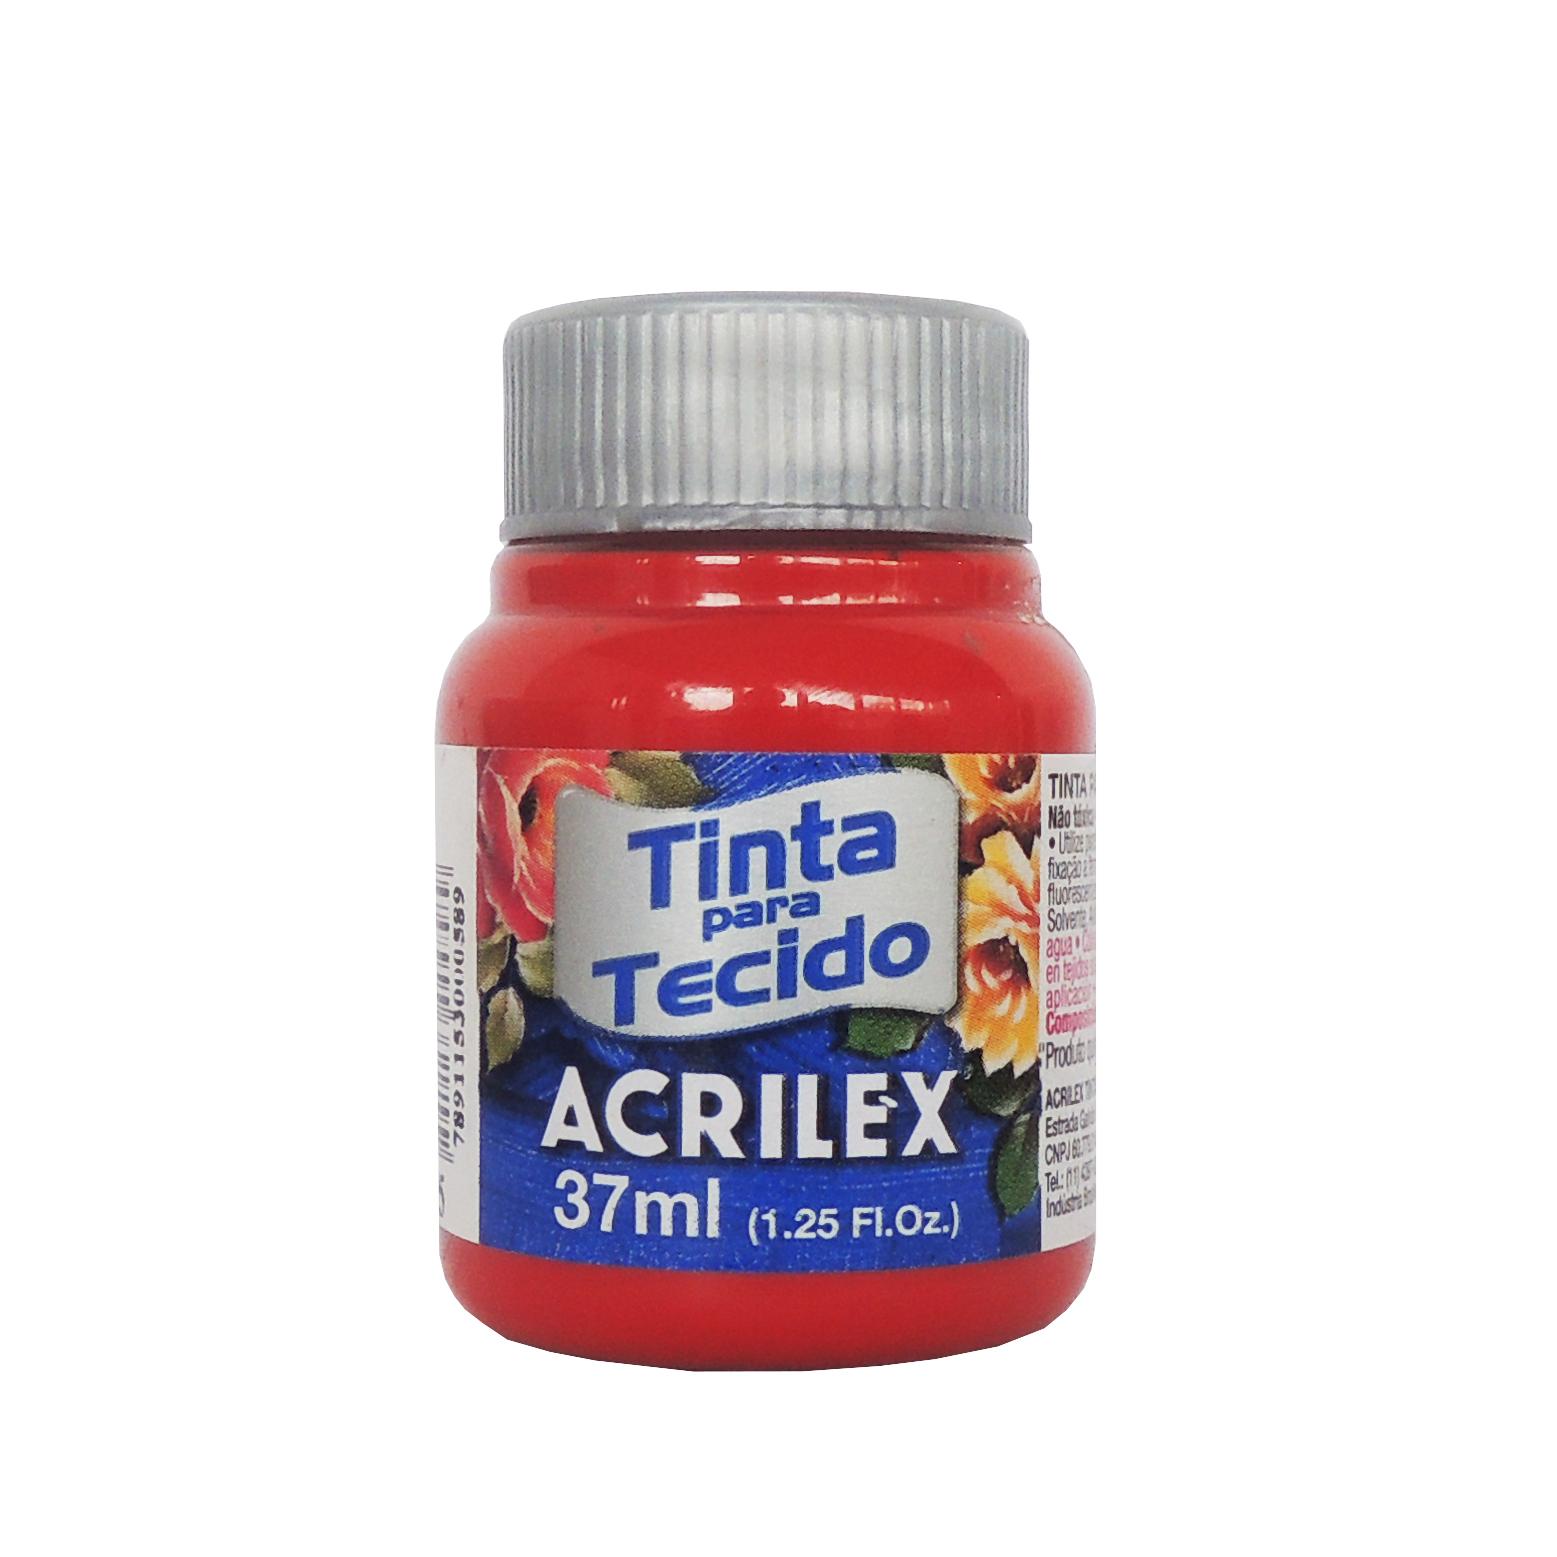 tinta-para-tecido-acrilex-37ml-805-goiaba-queimada